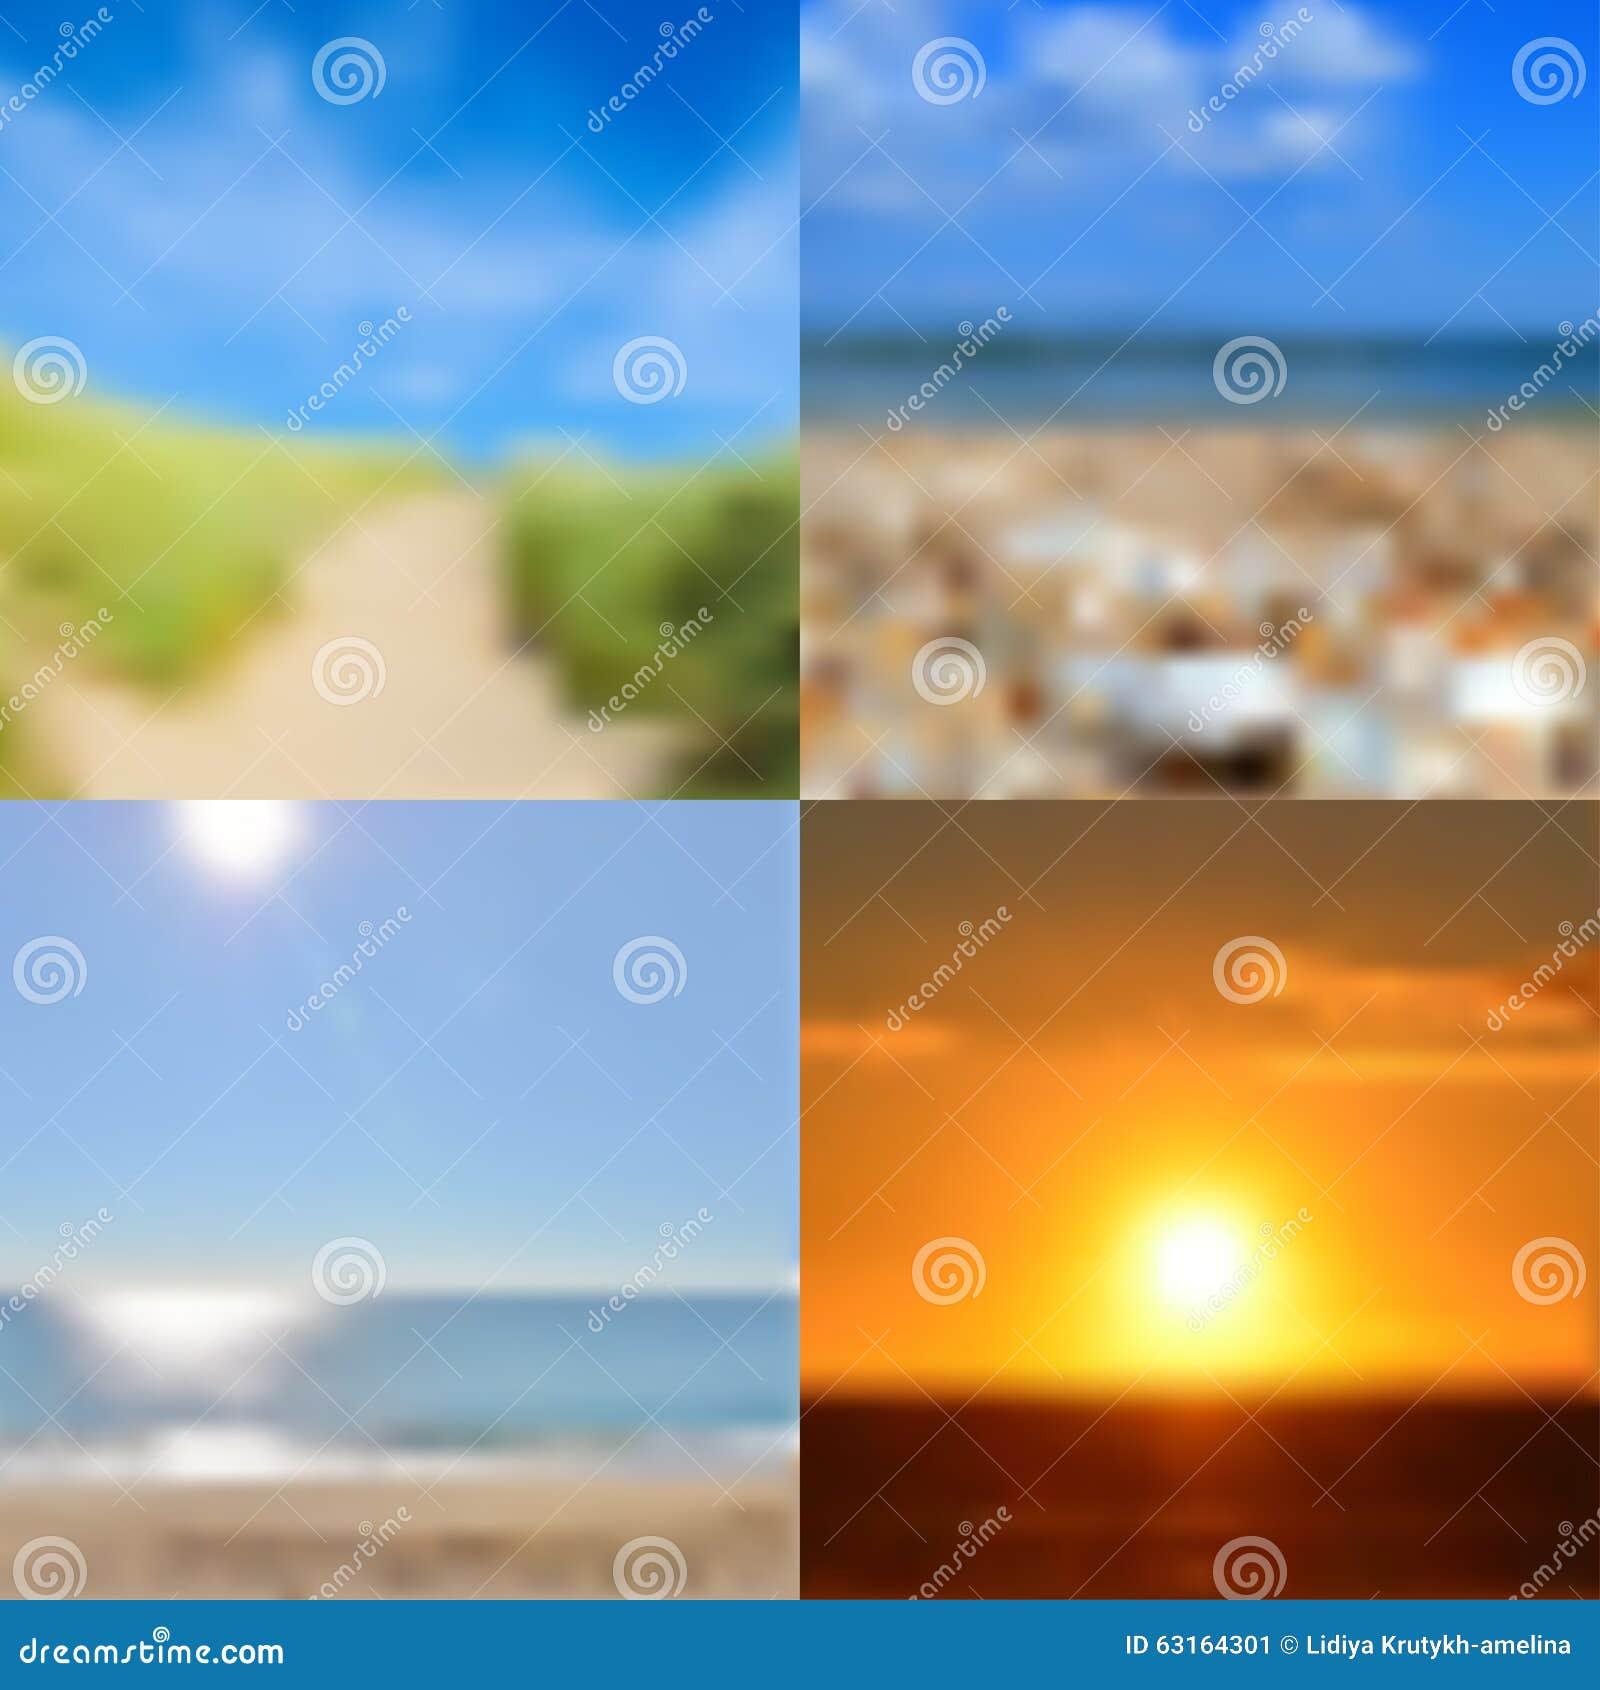 blurred summer backgrounds set stock vector illustration of design